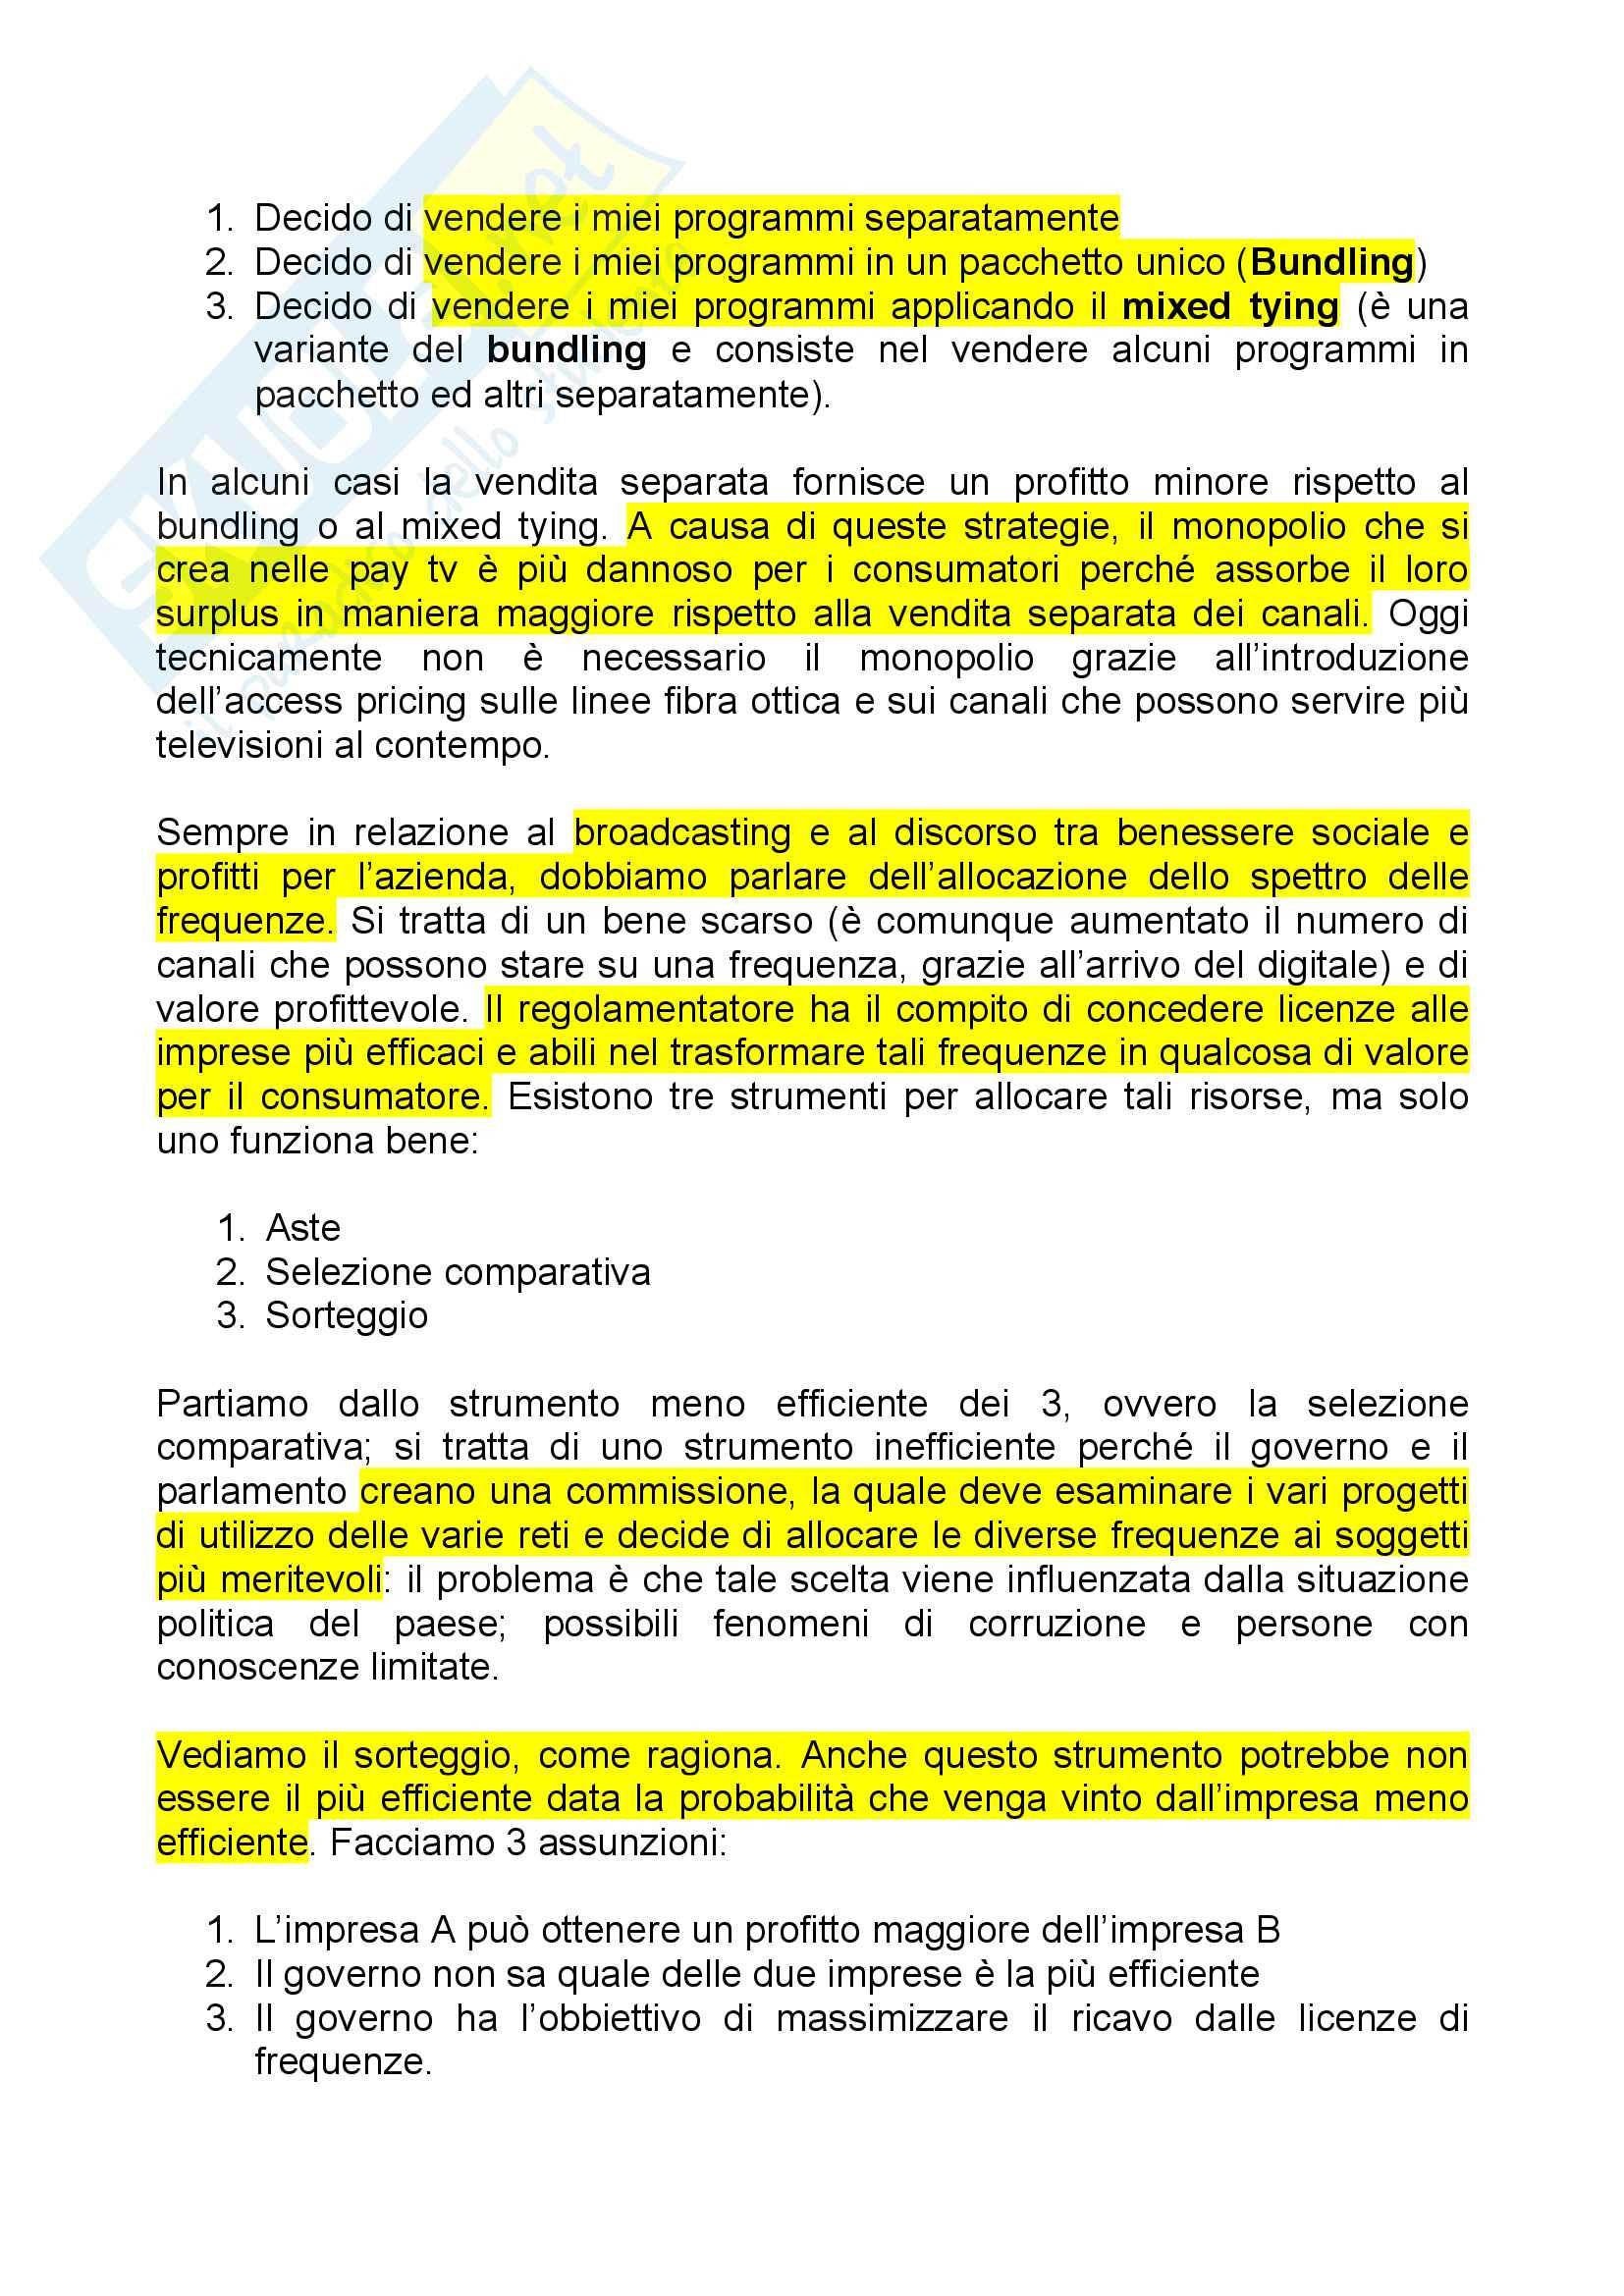 Economia dell'informazione Pag. 51